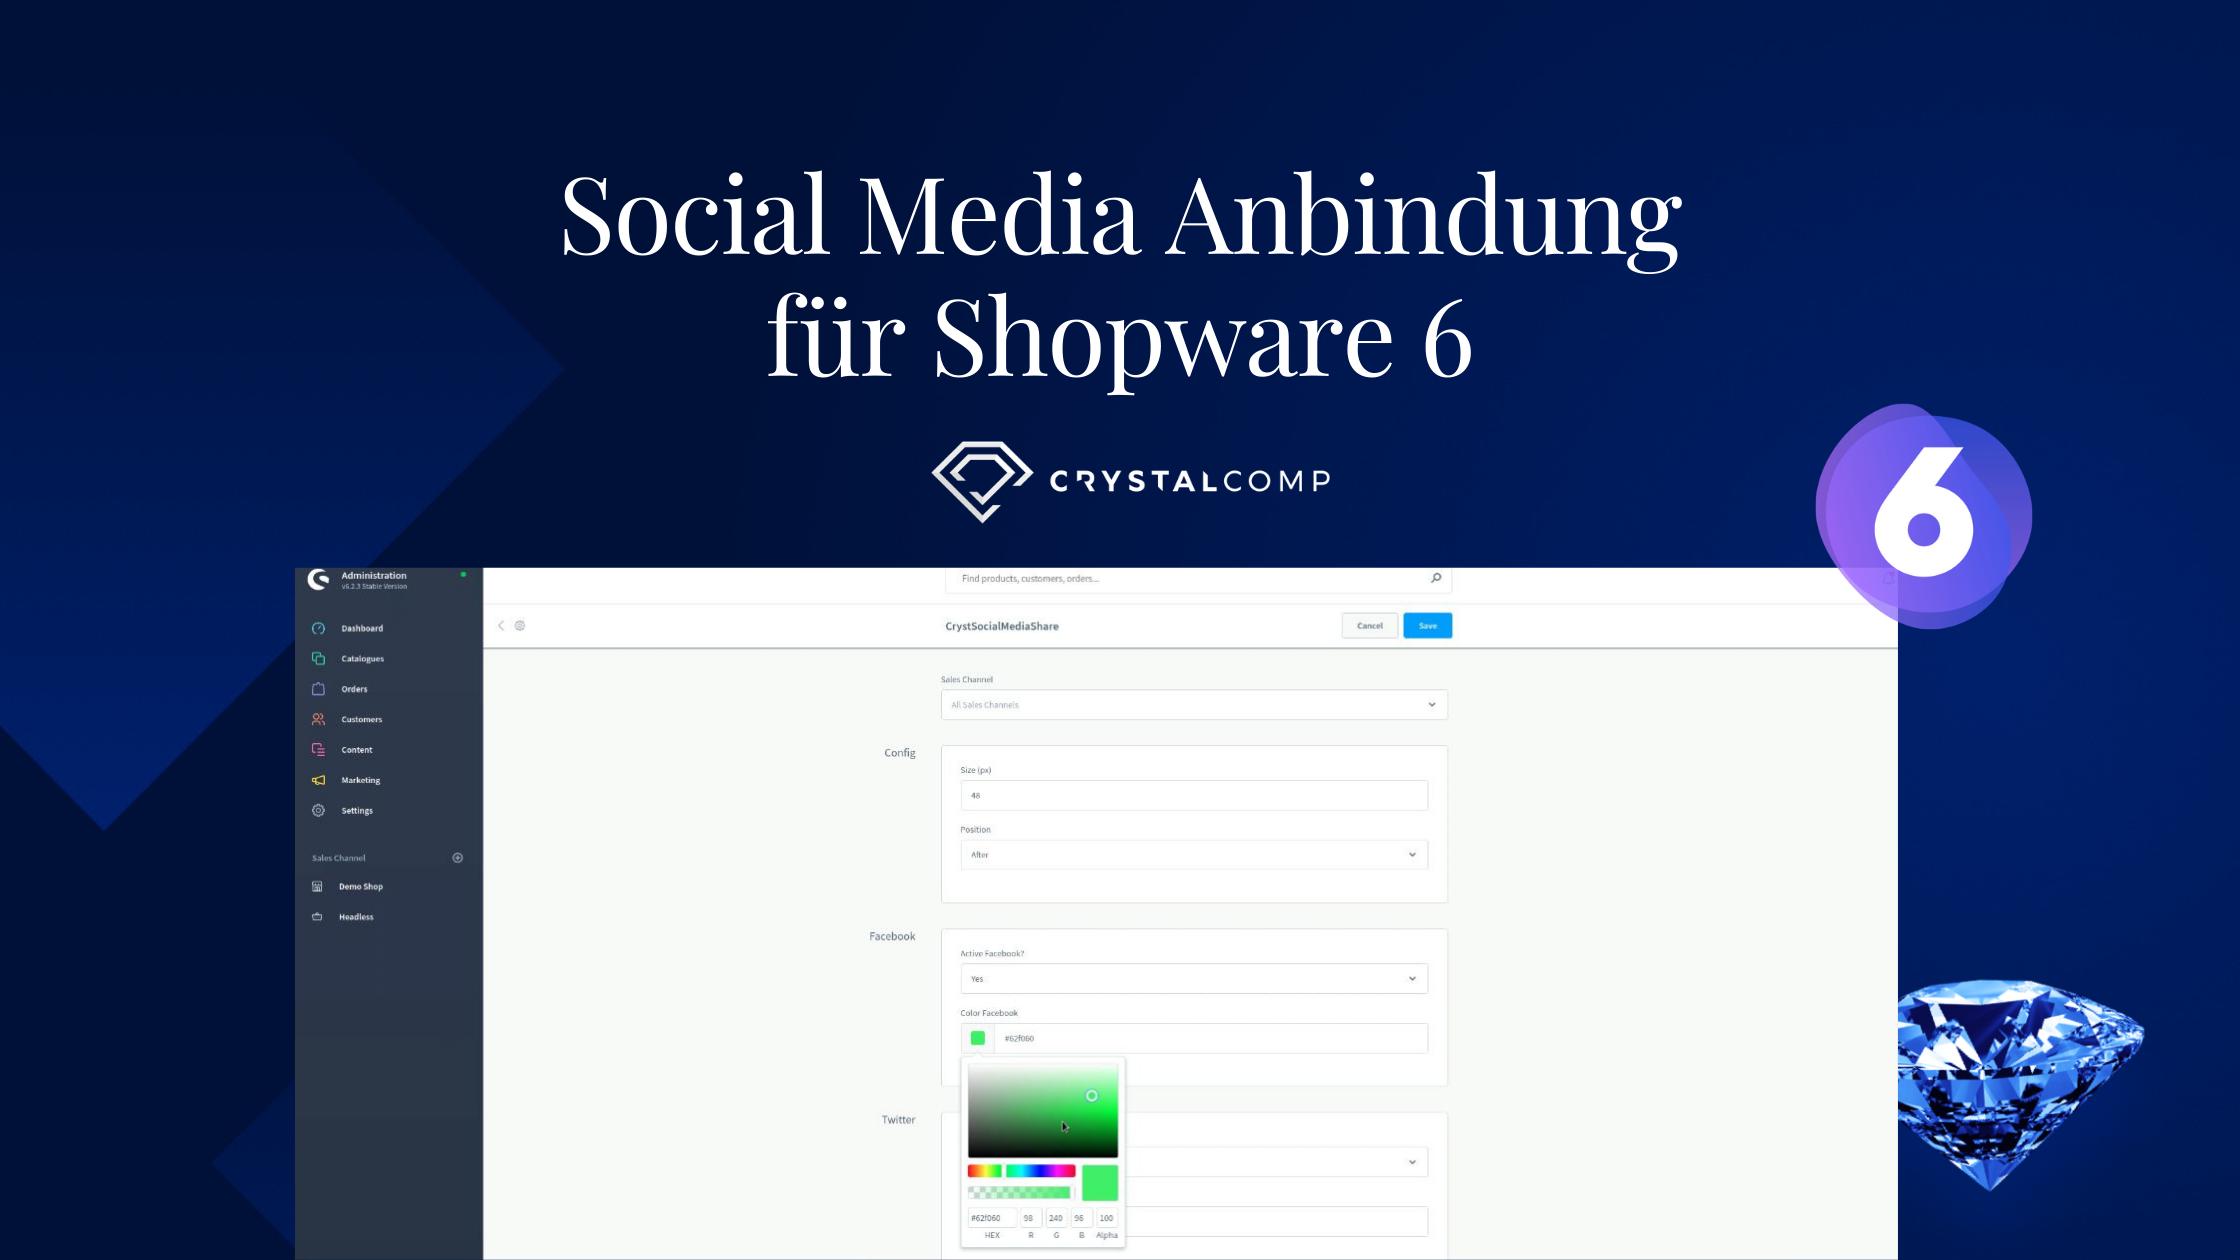 Social Media Anbindung für Shopware 6 – Anleitung